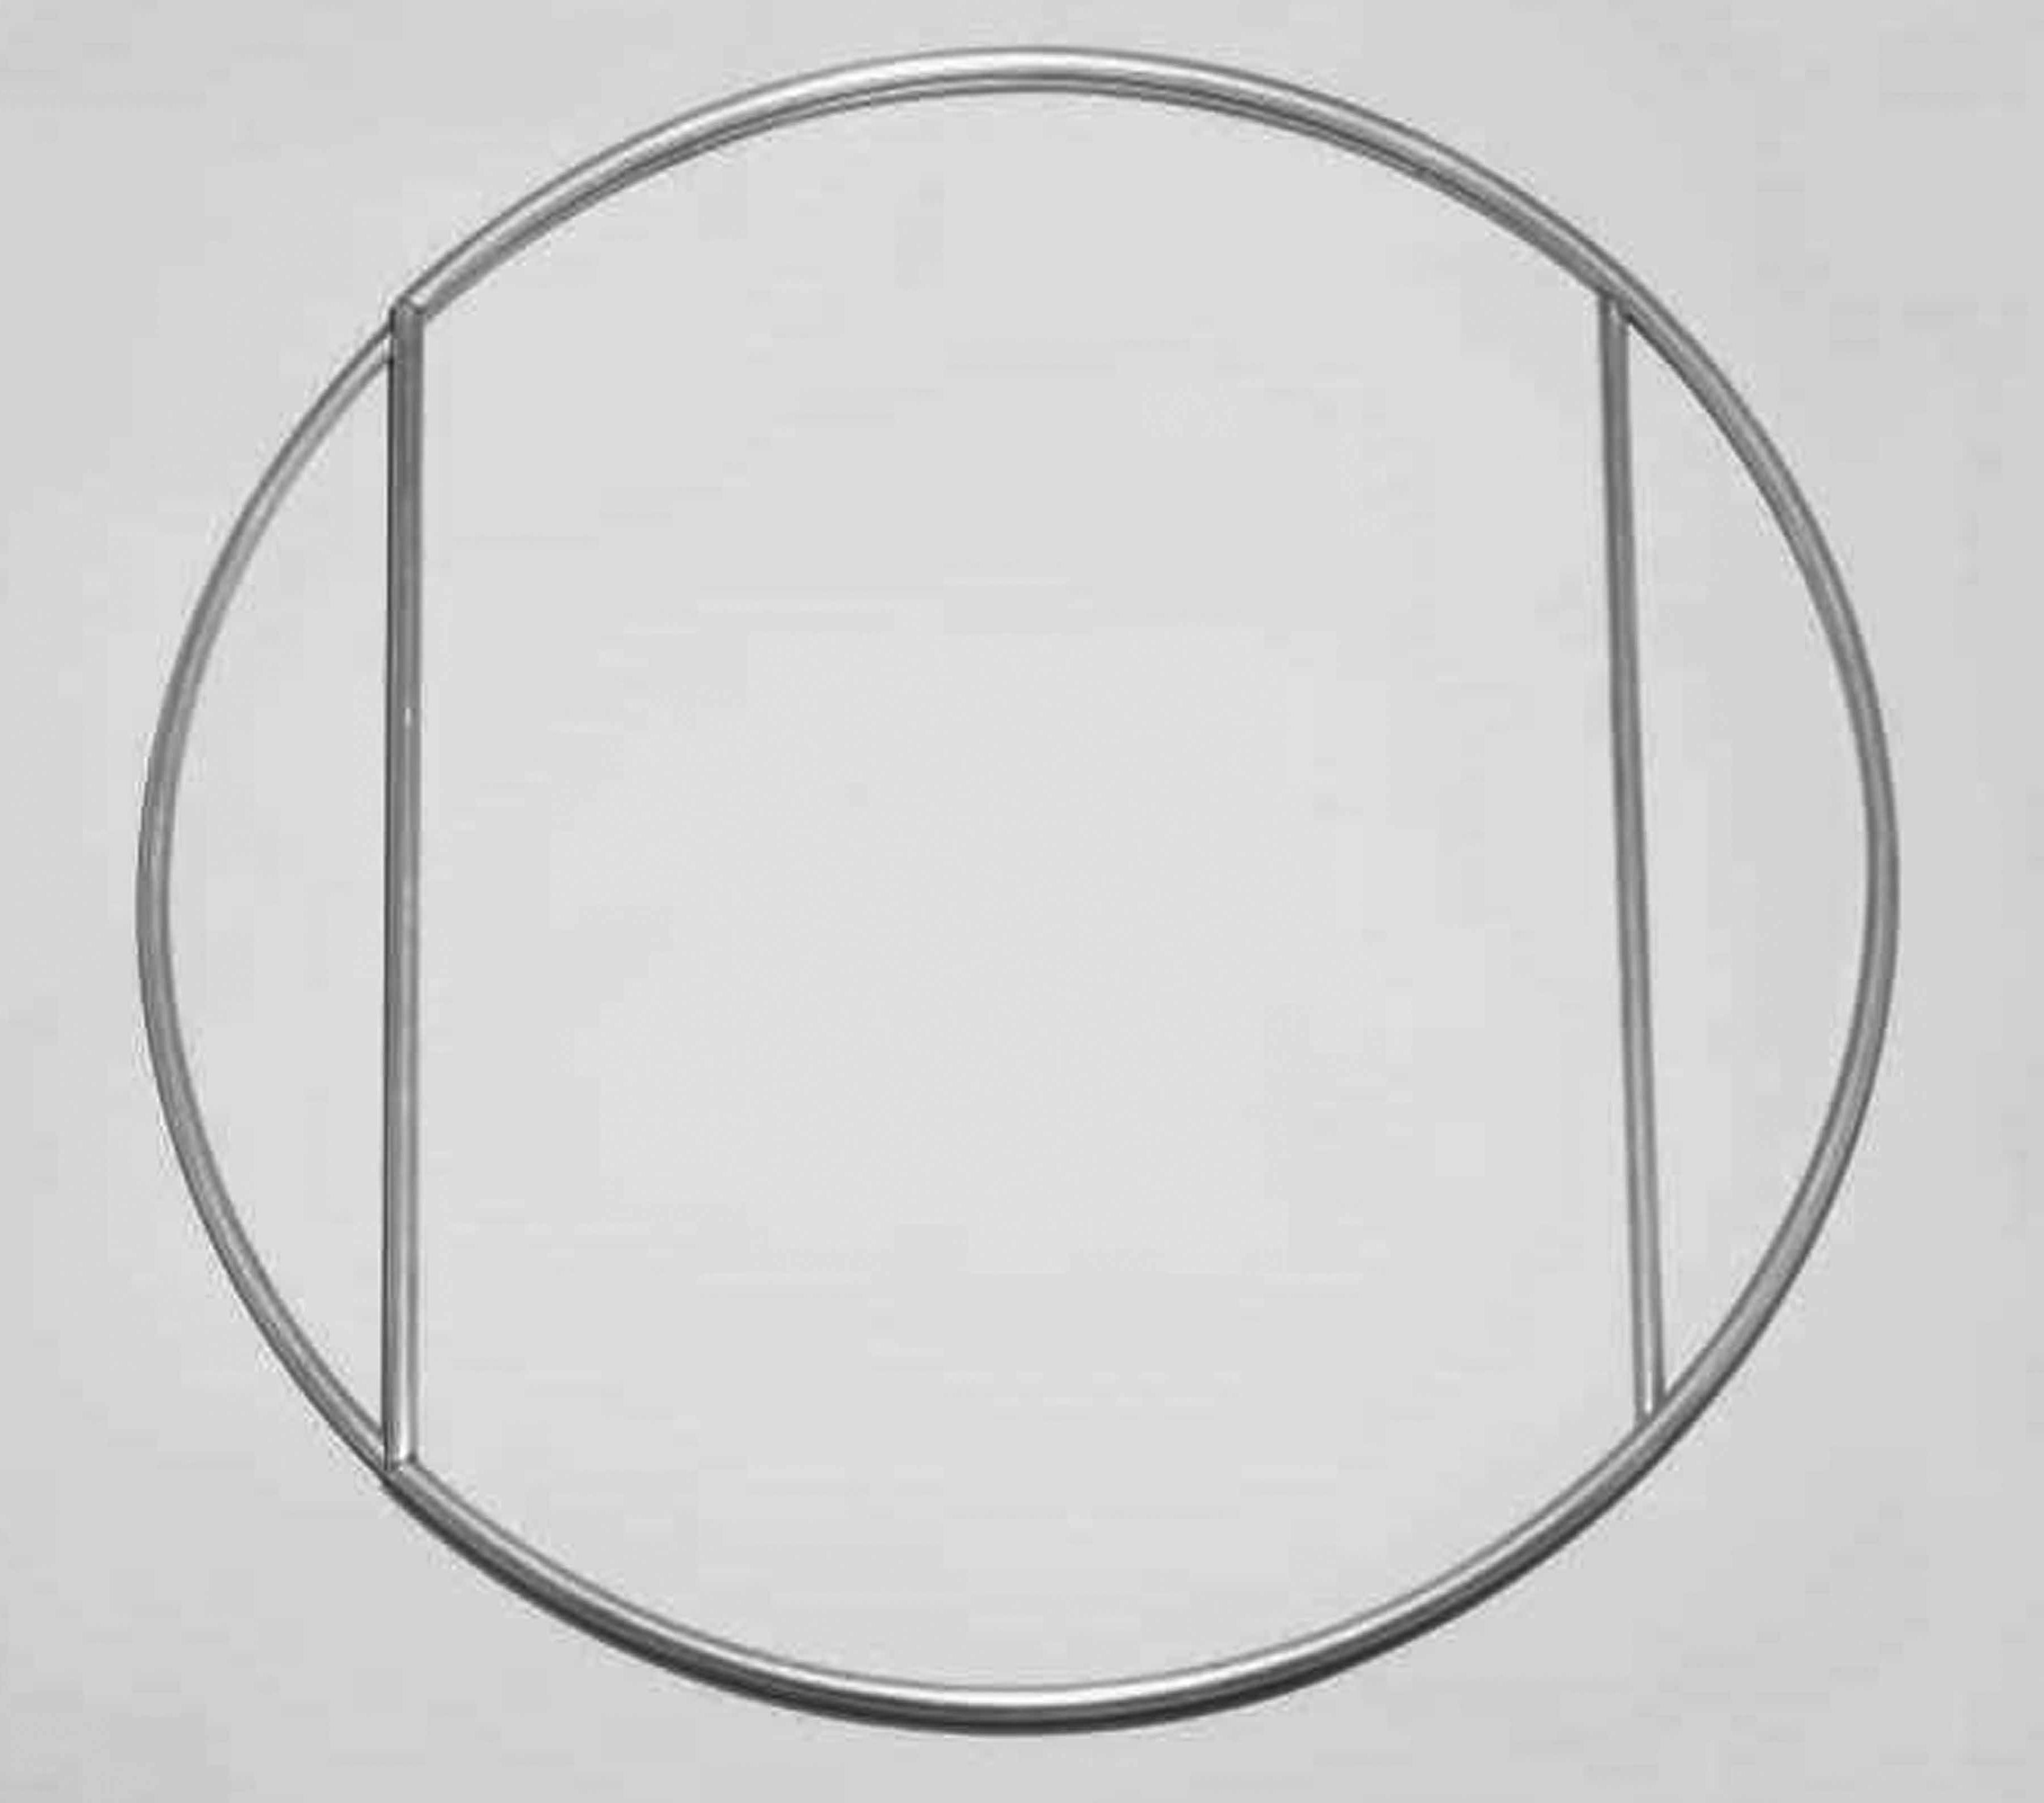 Twee fasen van cirkel naar vierkant